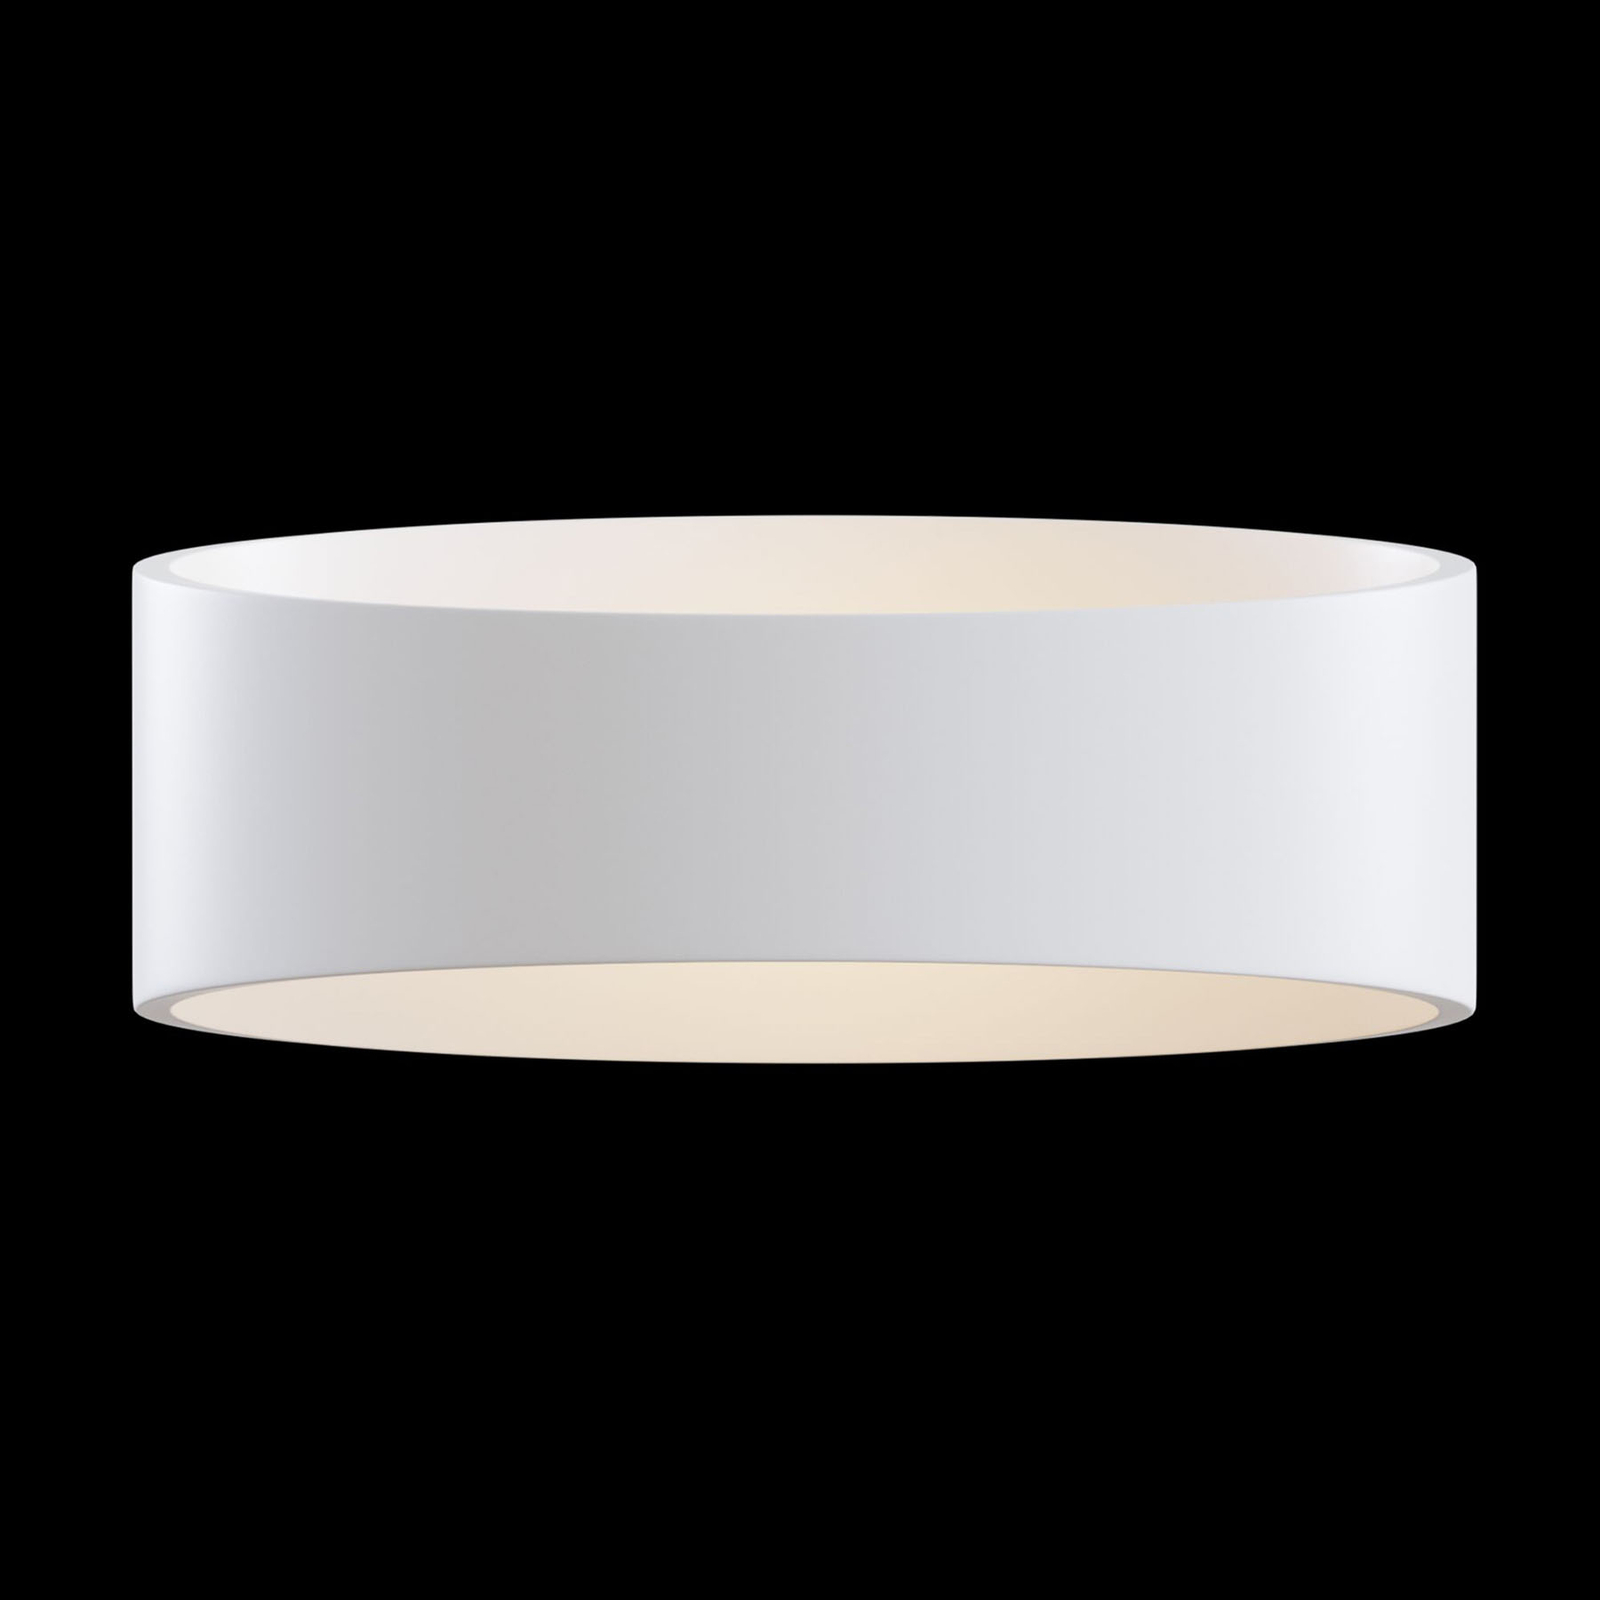 LED-seinävalaisin Trame, soikea muoto, valkoinen